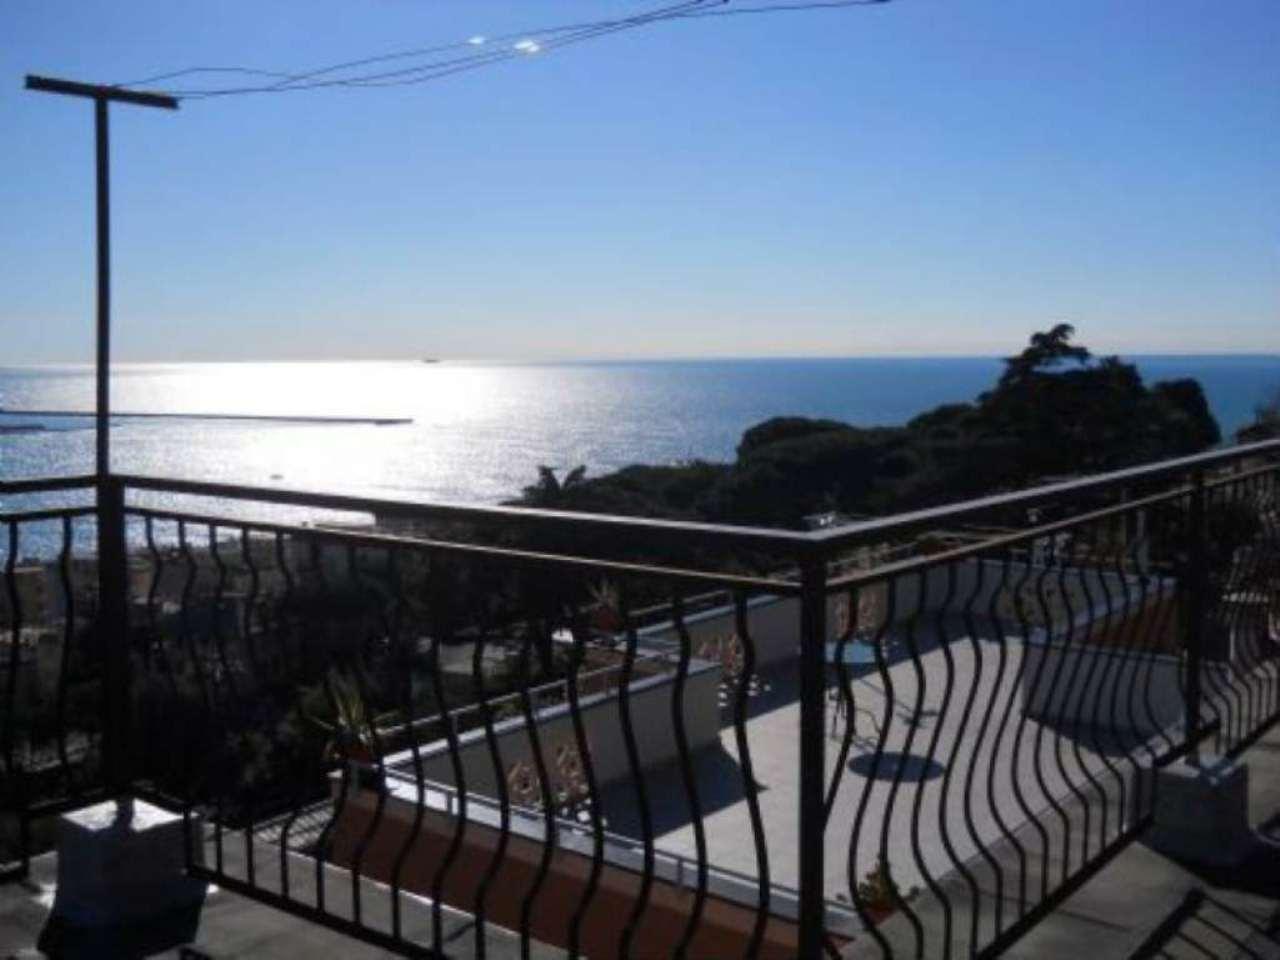 Villa in vendita a Genova, 6 locali, zona Zona: 14 . Pegli, prezzo € 700.000 | CambioCasa.it